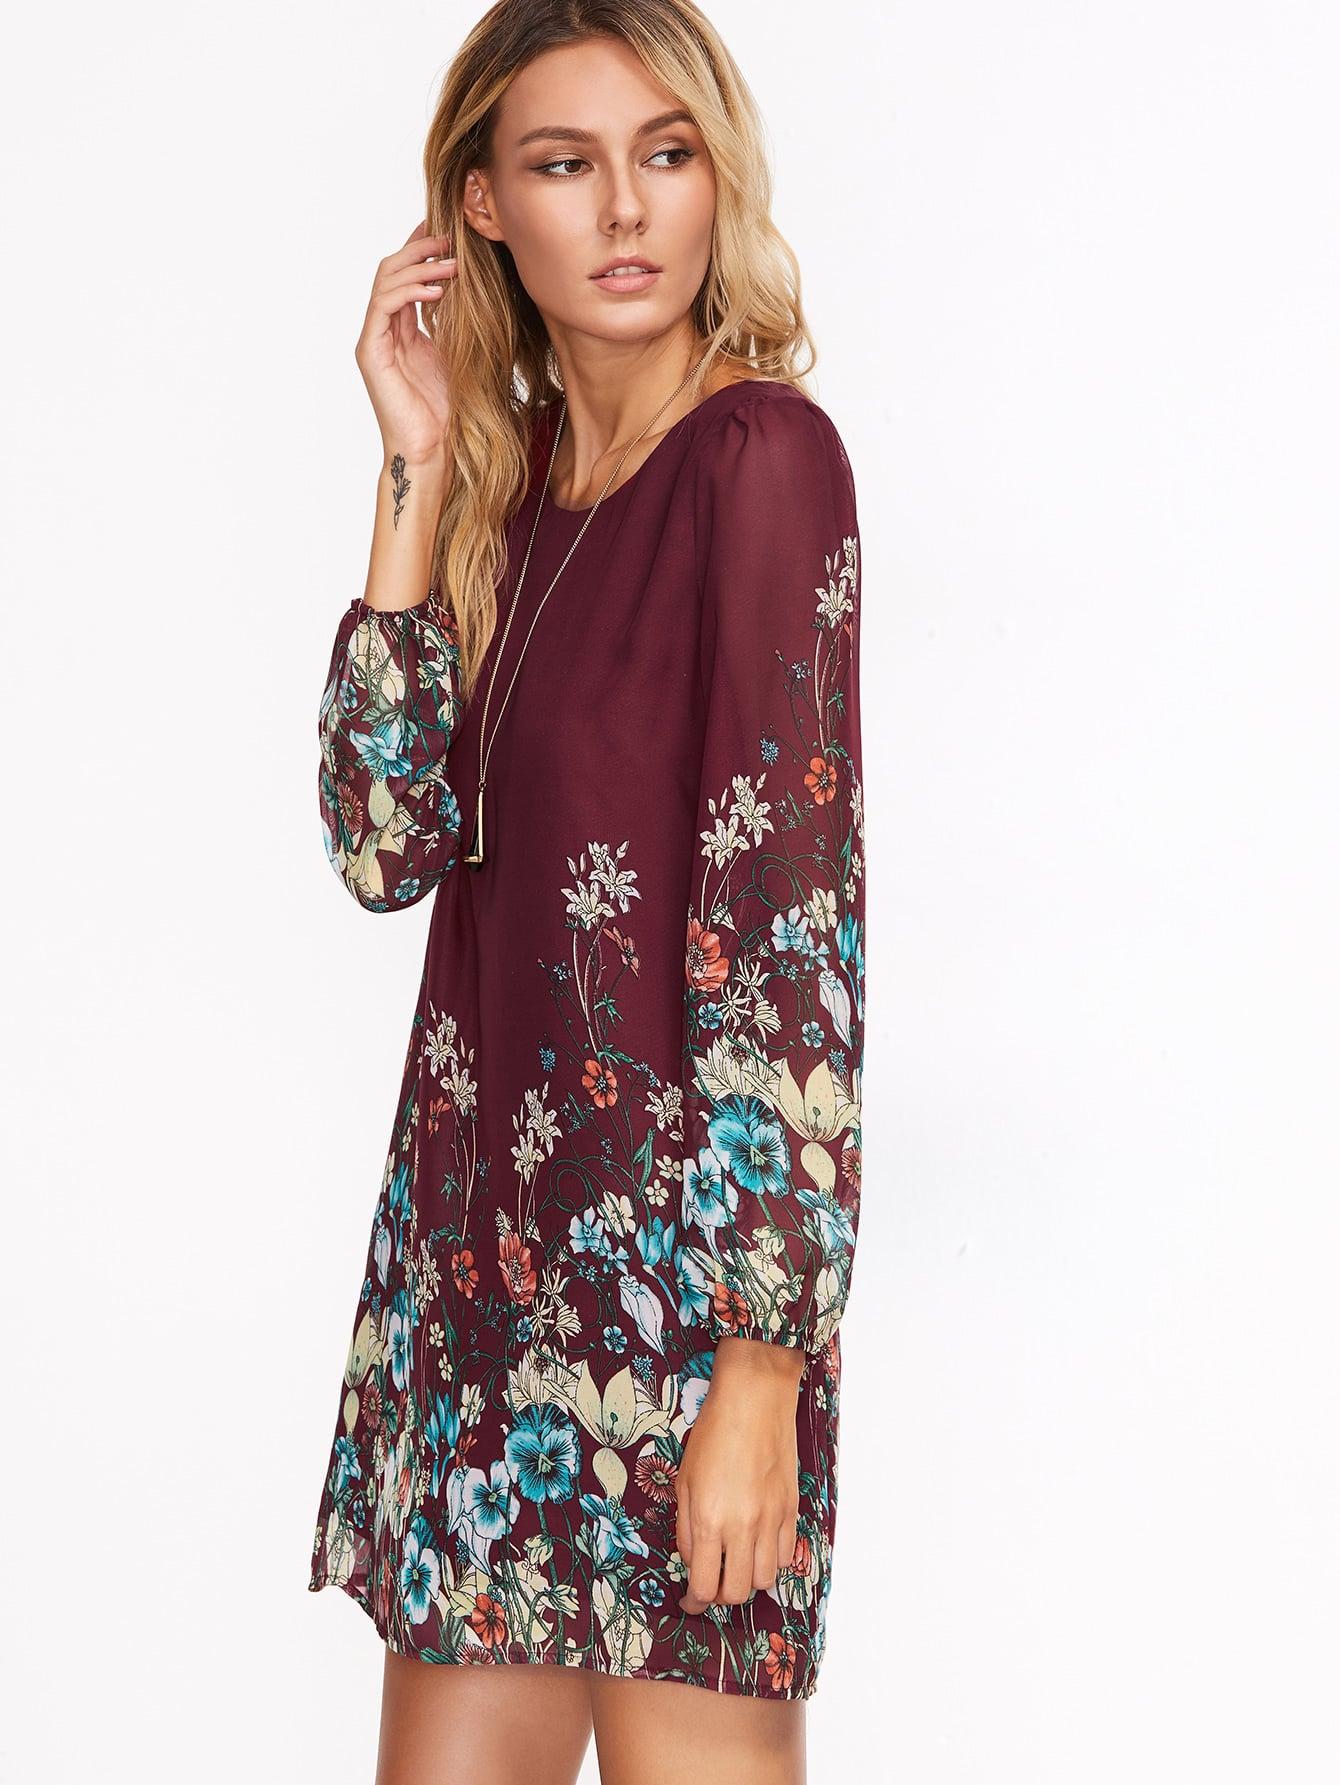 dress161019714_2